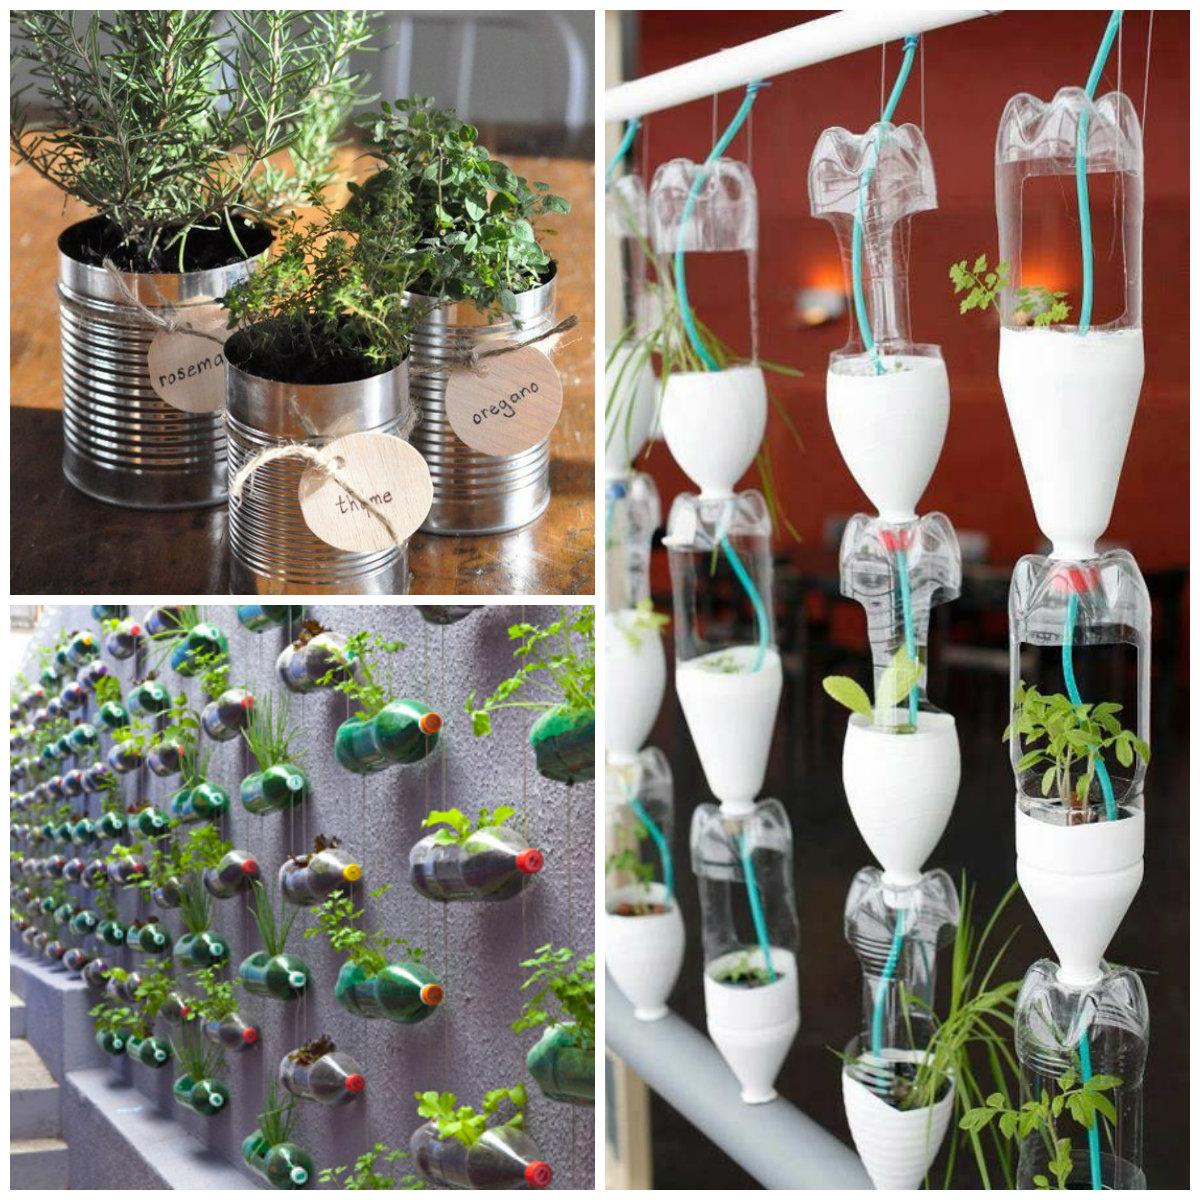 Ideias De Hortas ~ Estágio no Sítio dos Herdeiros 8 ideias para fazer uma mini horta na sua casa